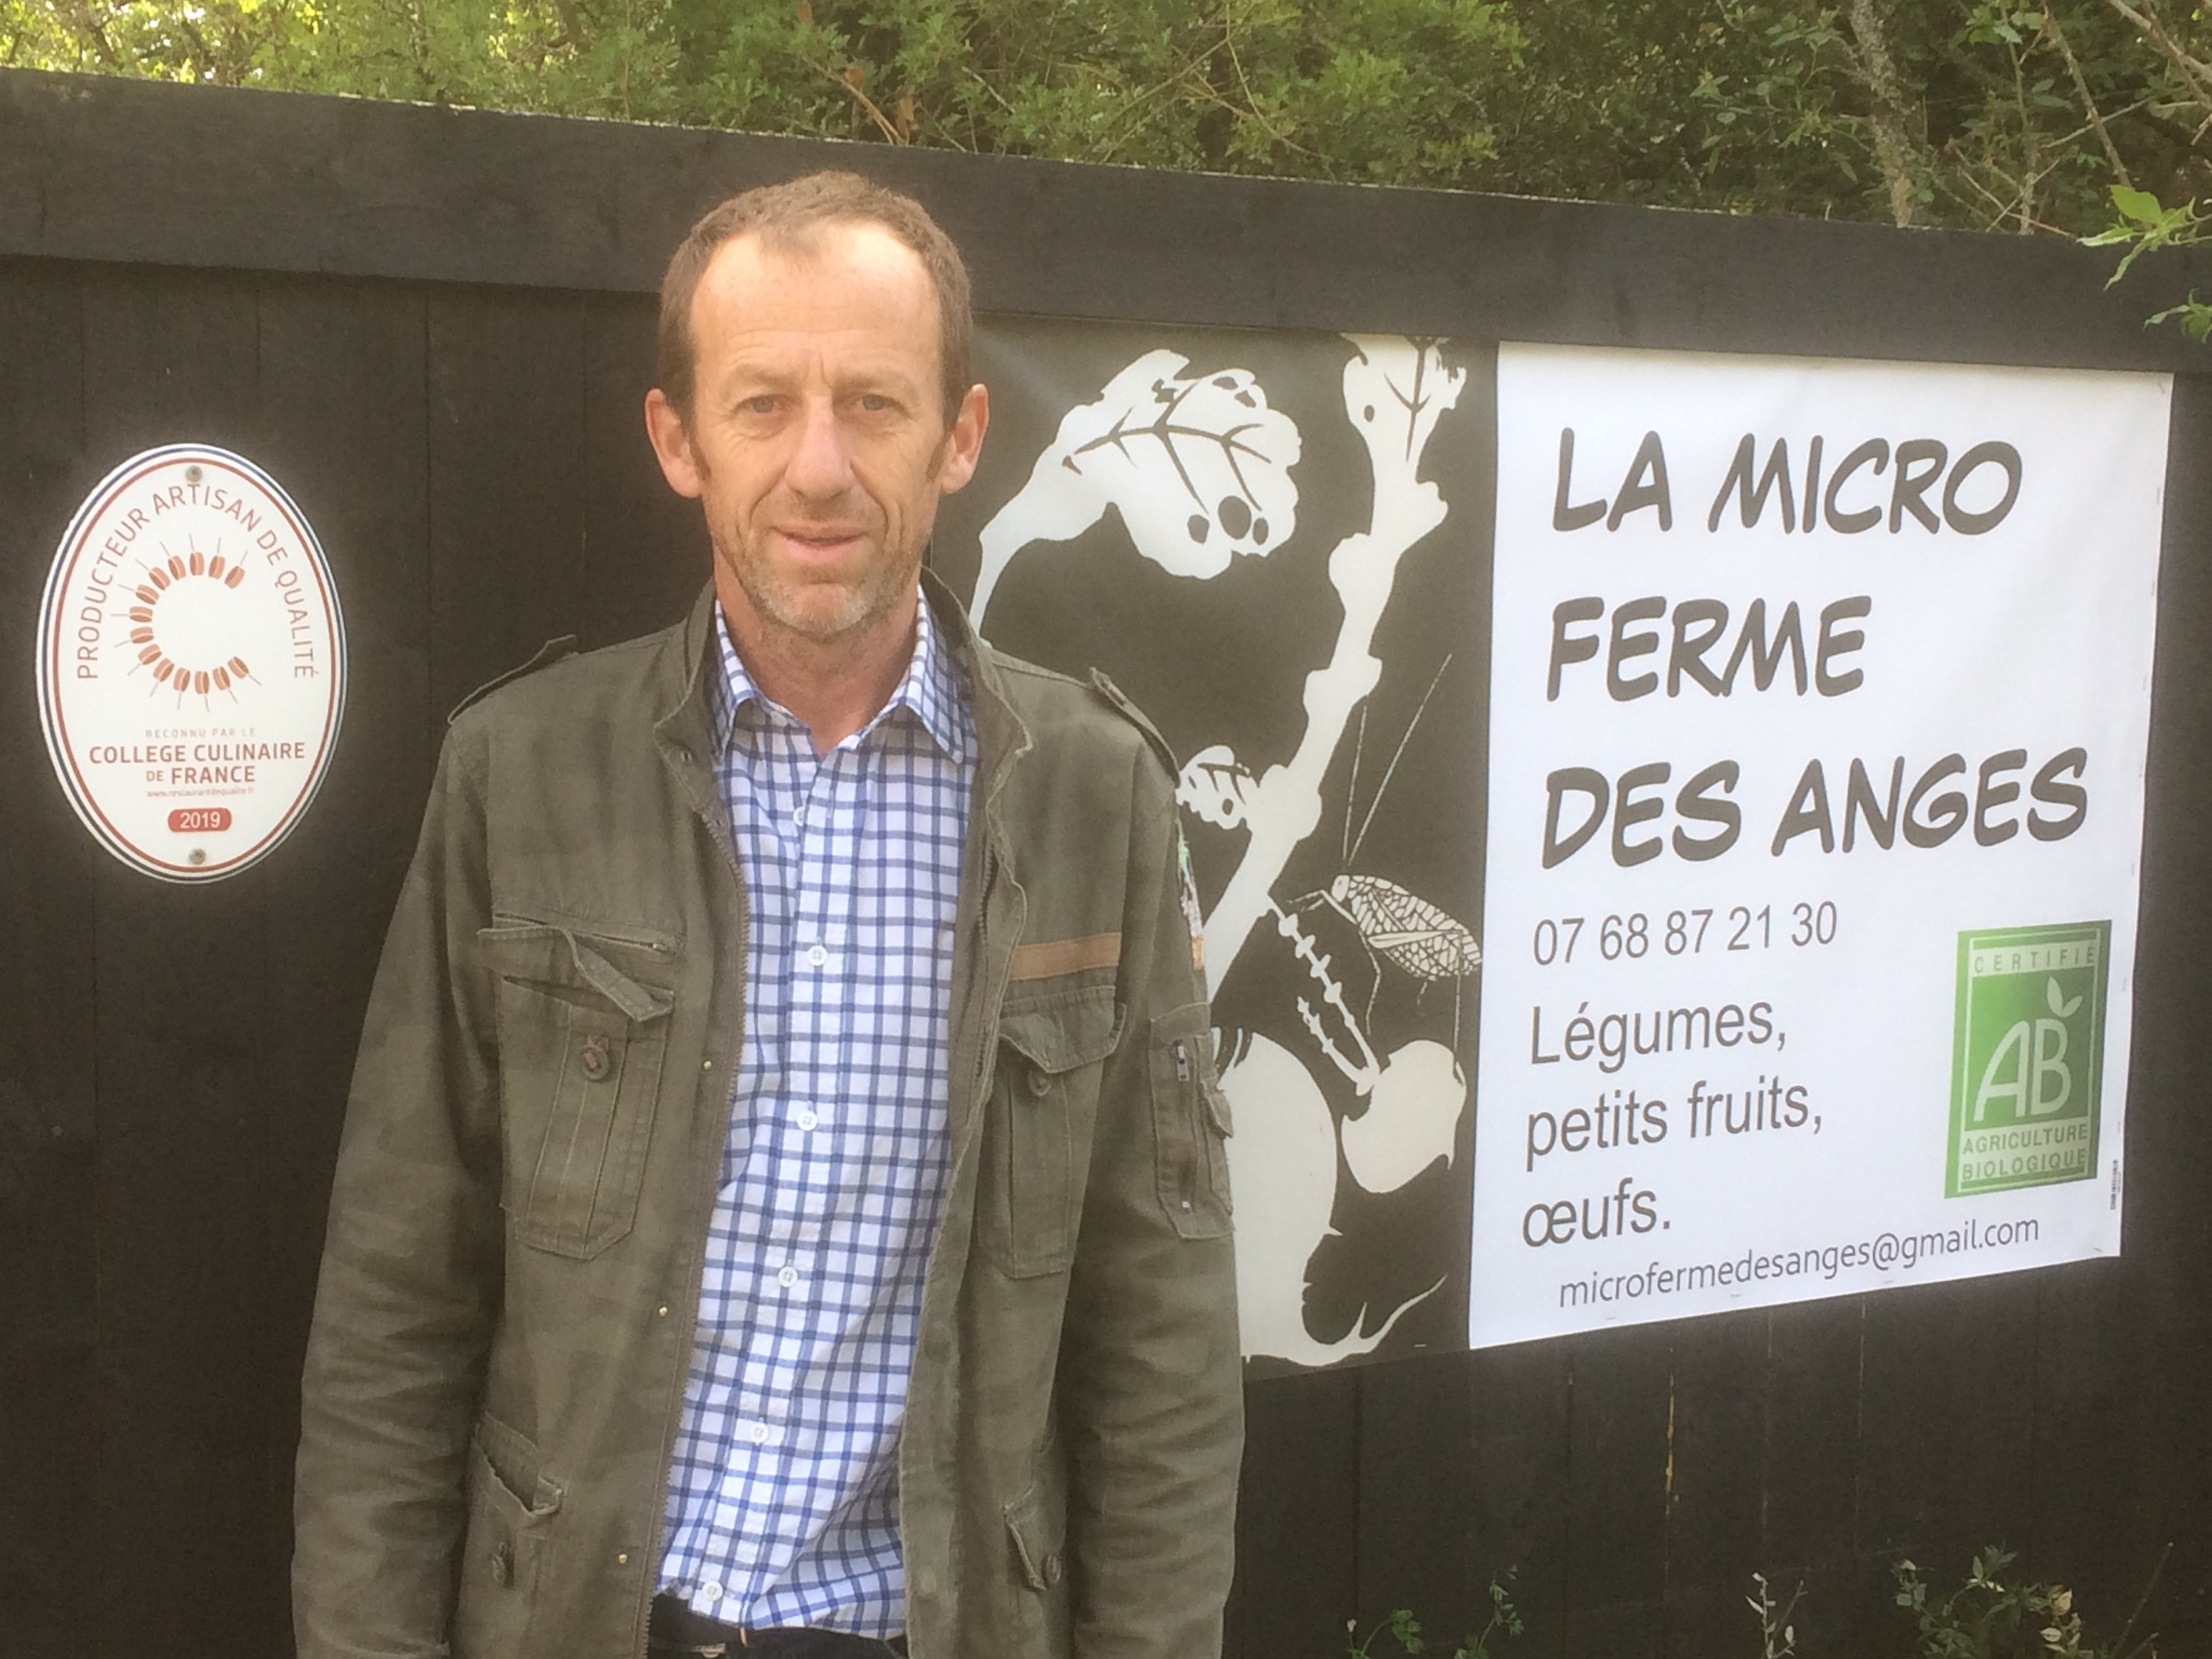 Adhérent MICRO FERME DES ANGES - photo #16697